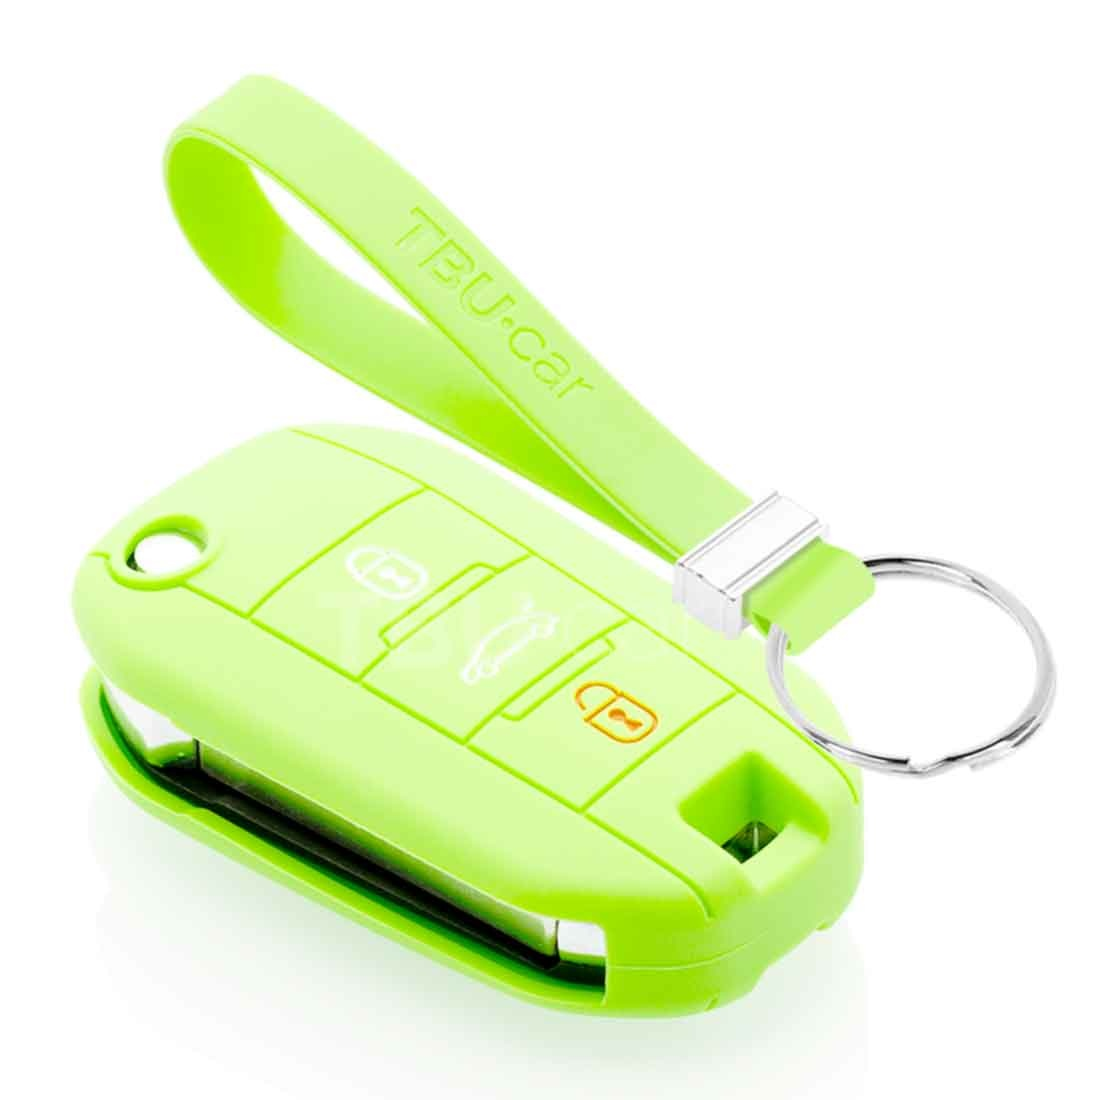 TBU car TBU car Funda Carcasa llave compatible con Citroën - Funda de Silicona - Cover de Llave Coche - Glow in the Dark